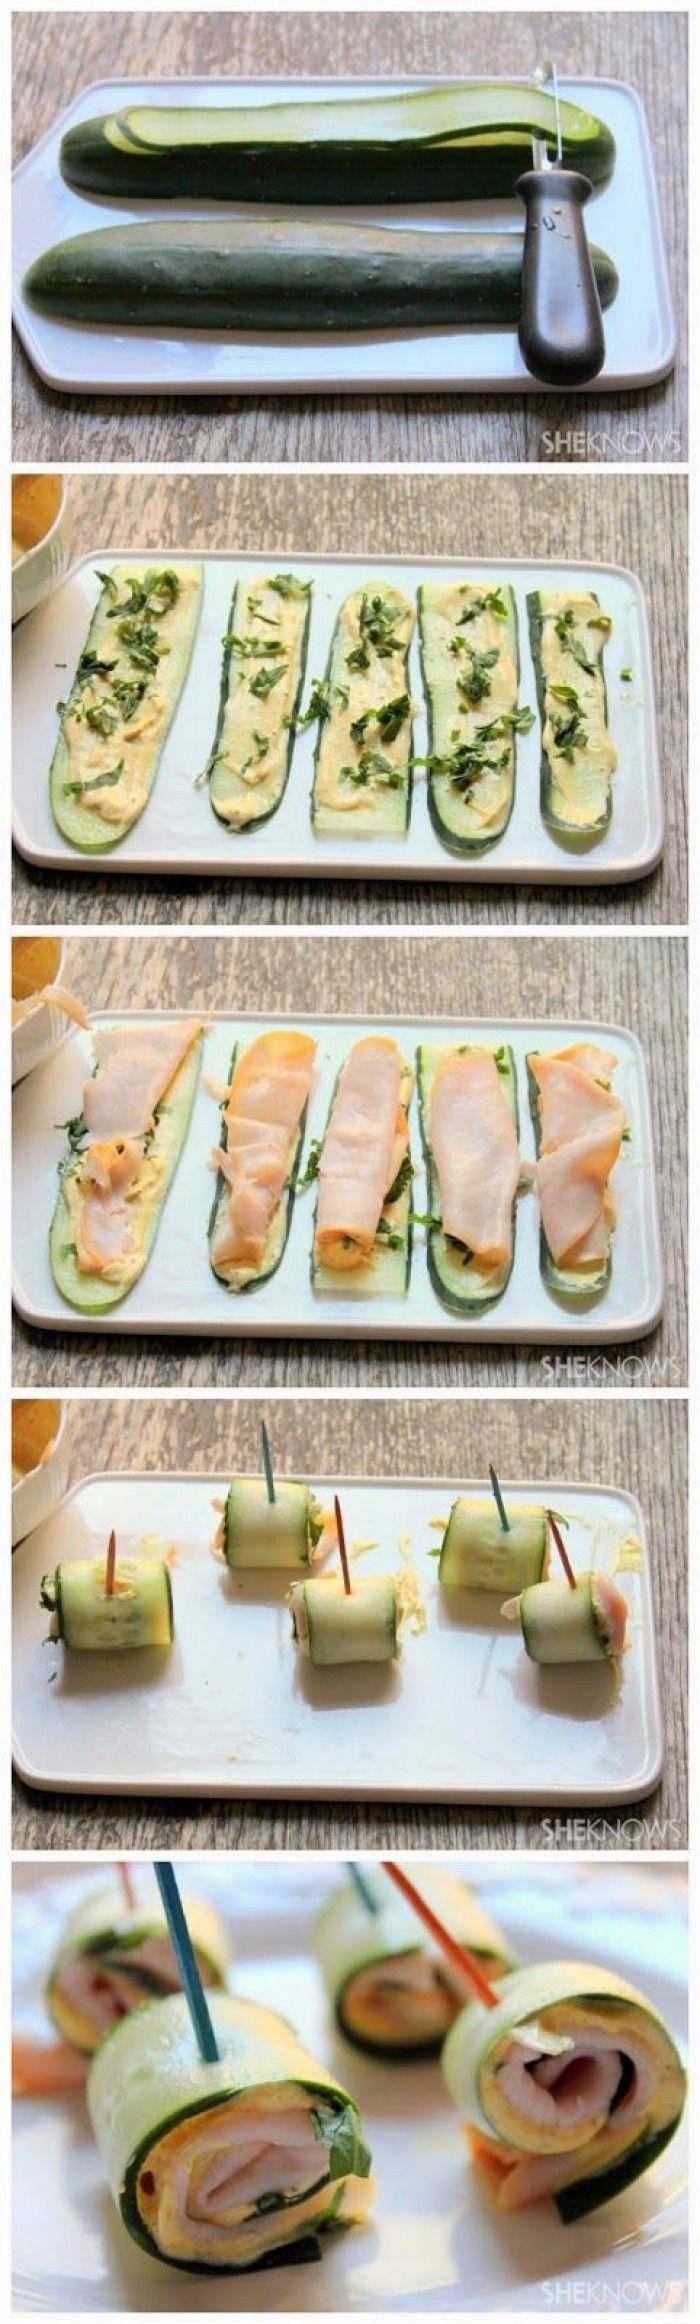 Komkommer rolletjes met Griekse yoghurt Gevonden op eatviews com